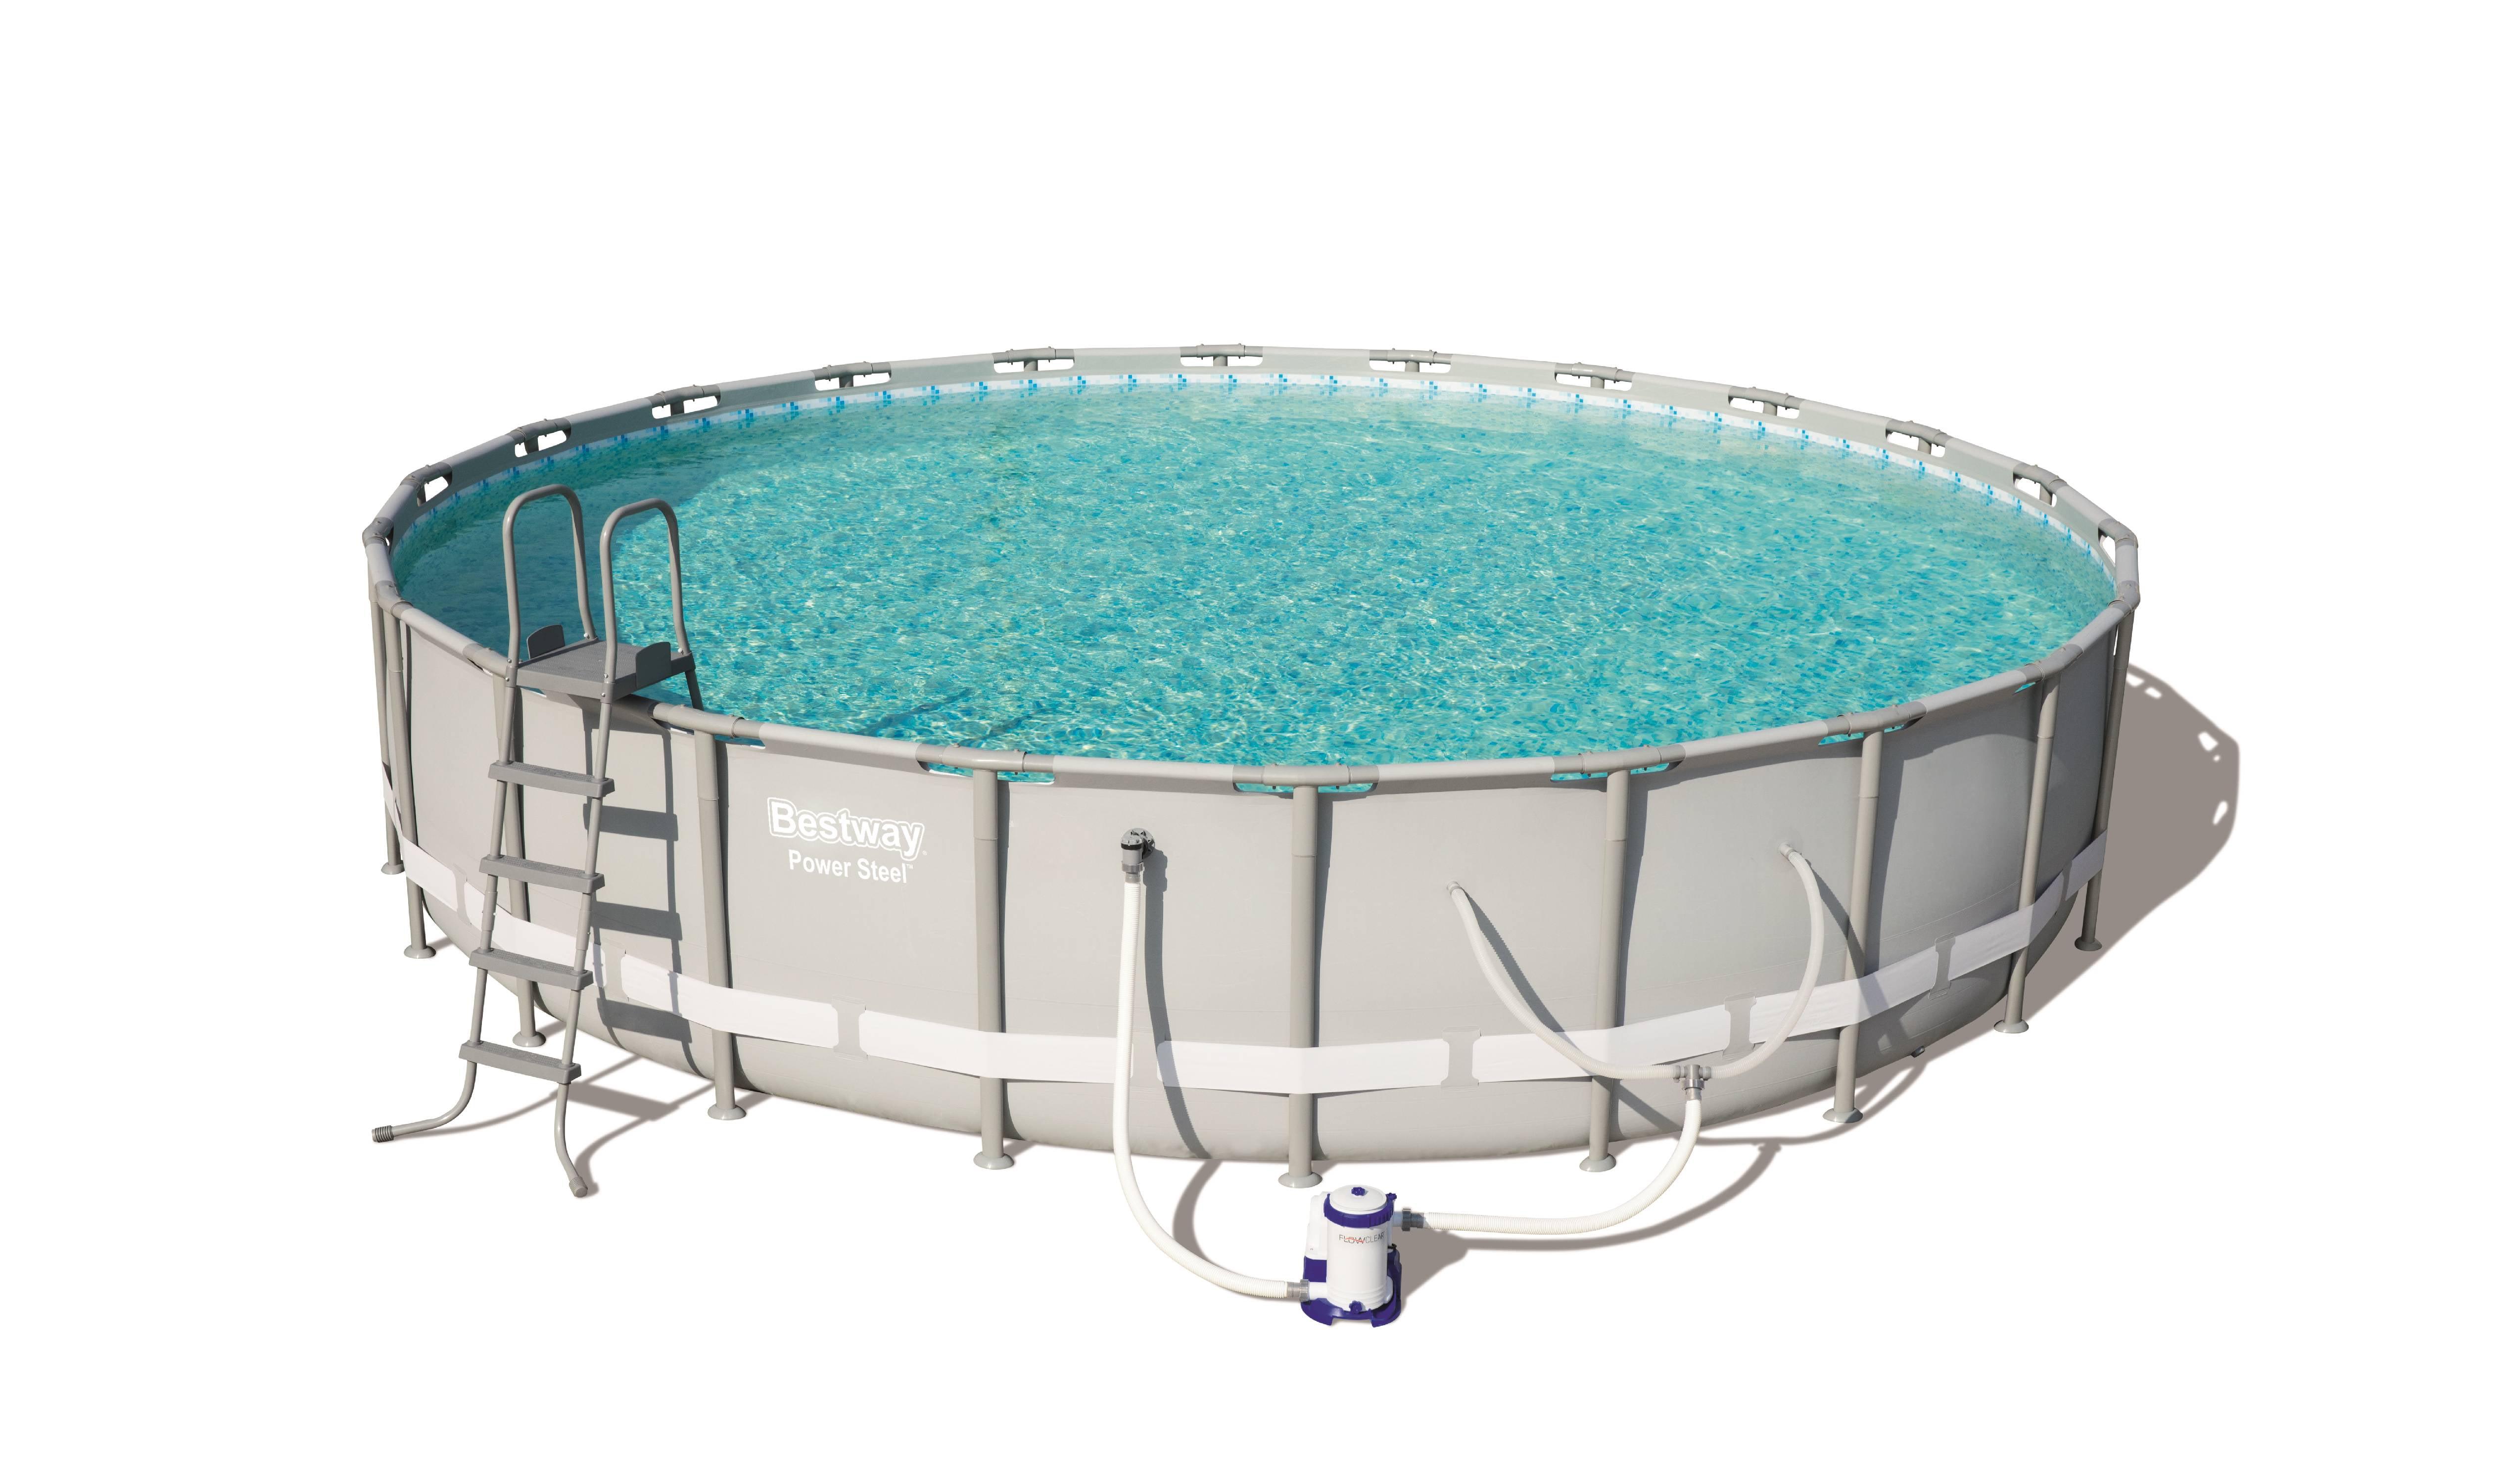 Bestway Power Steel 24 X 52 Frame Swimming Pool Set With Pump